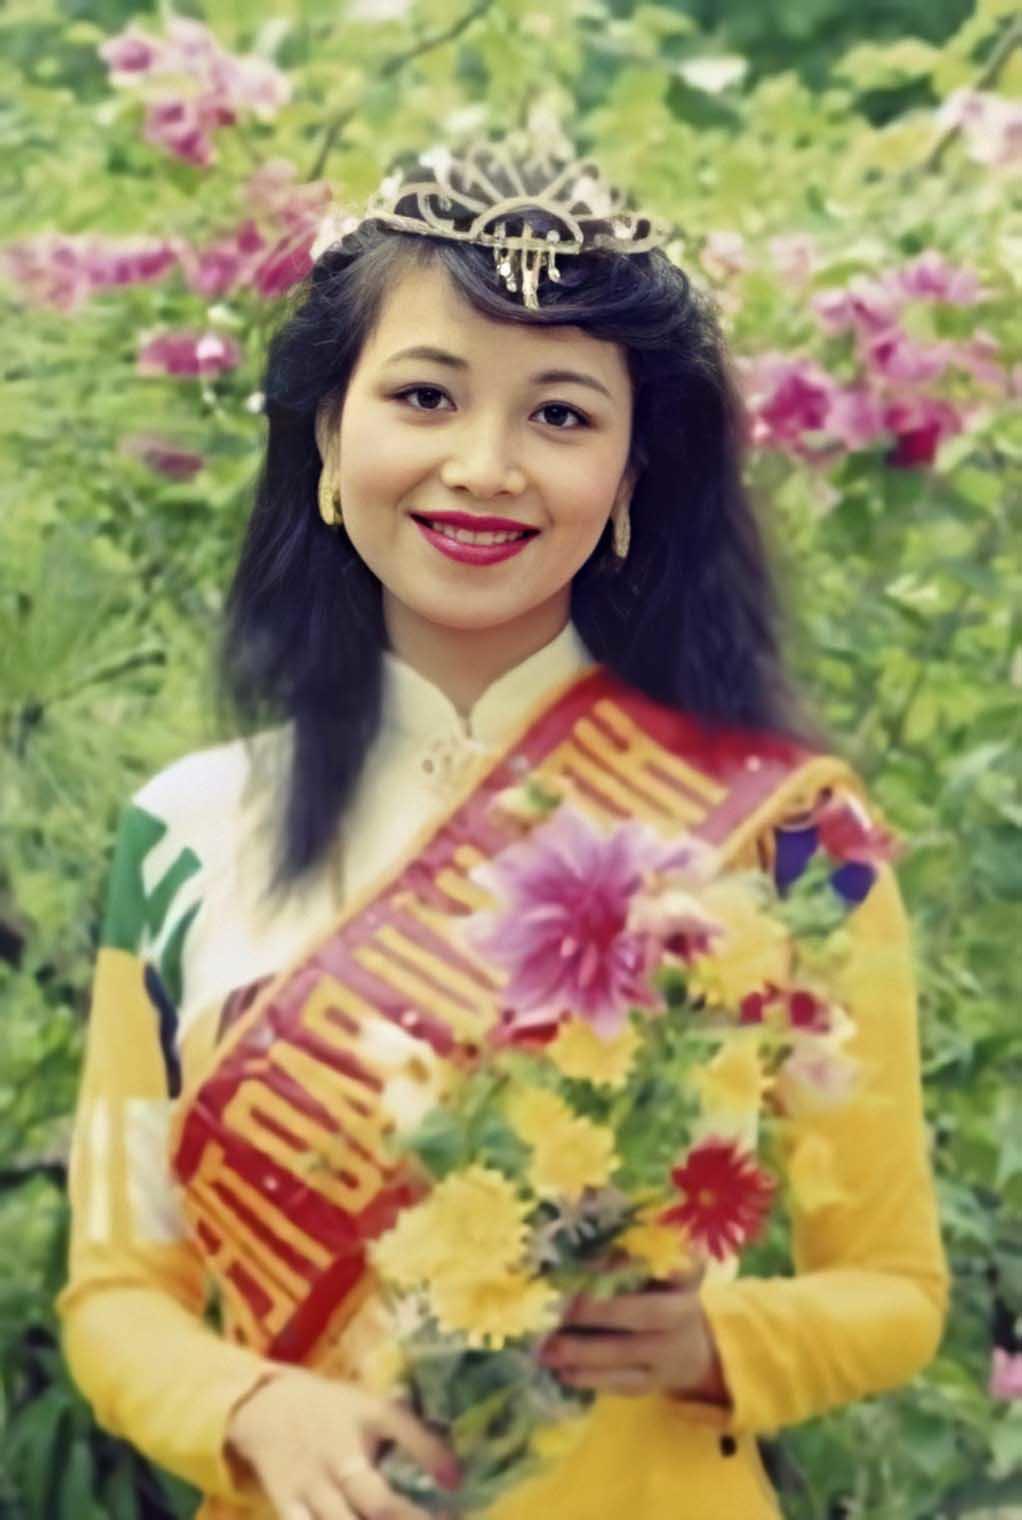 """hoa hau viet nam thuoc dong doi """"tram anh the phiet"""", lam dau an do """"suong nhu tien"""" - 4"""